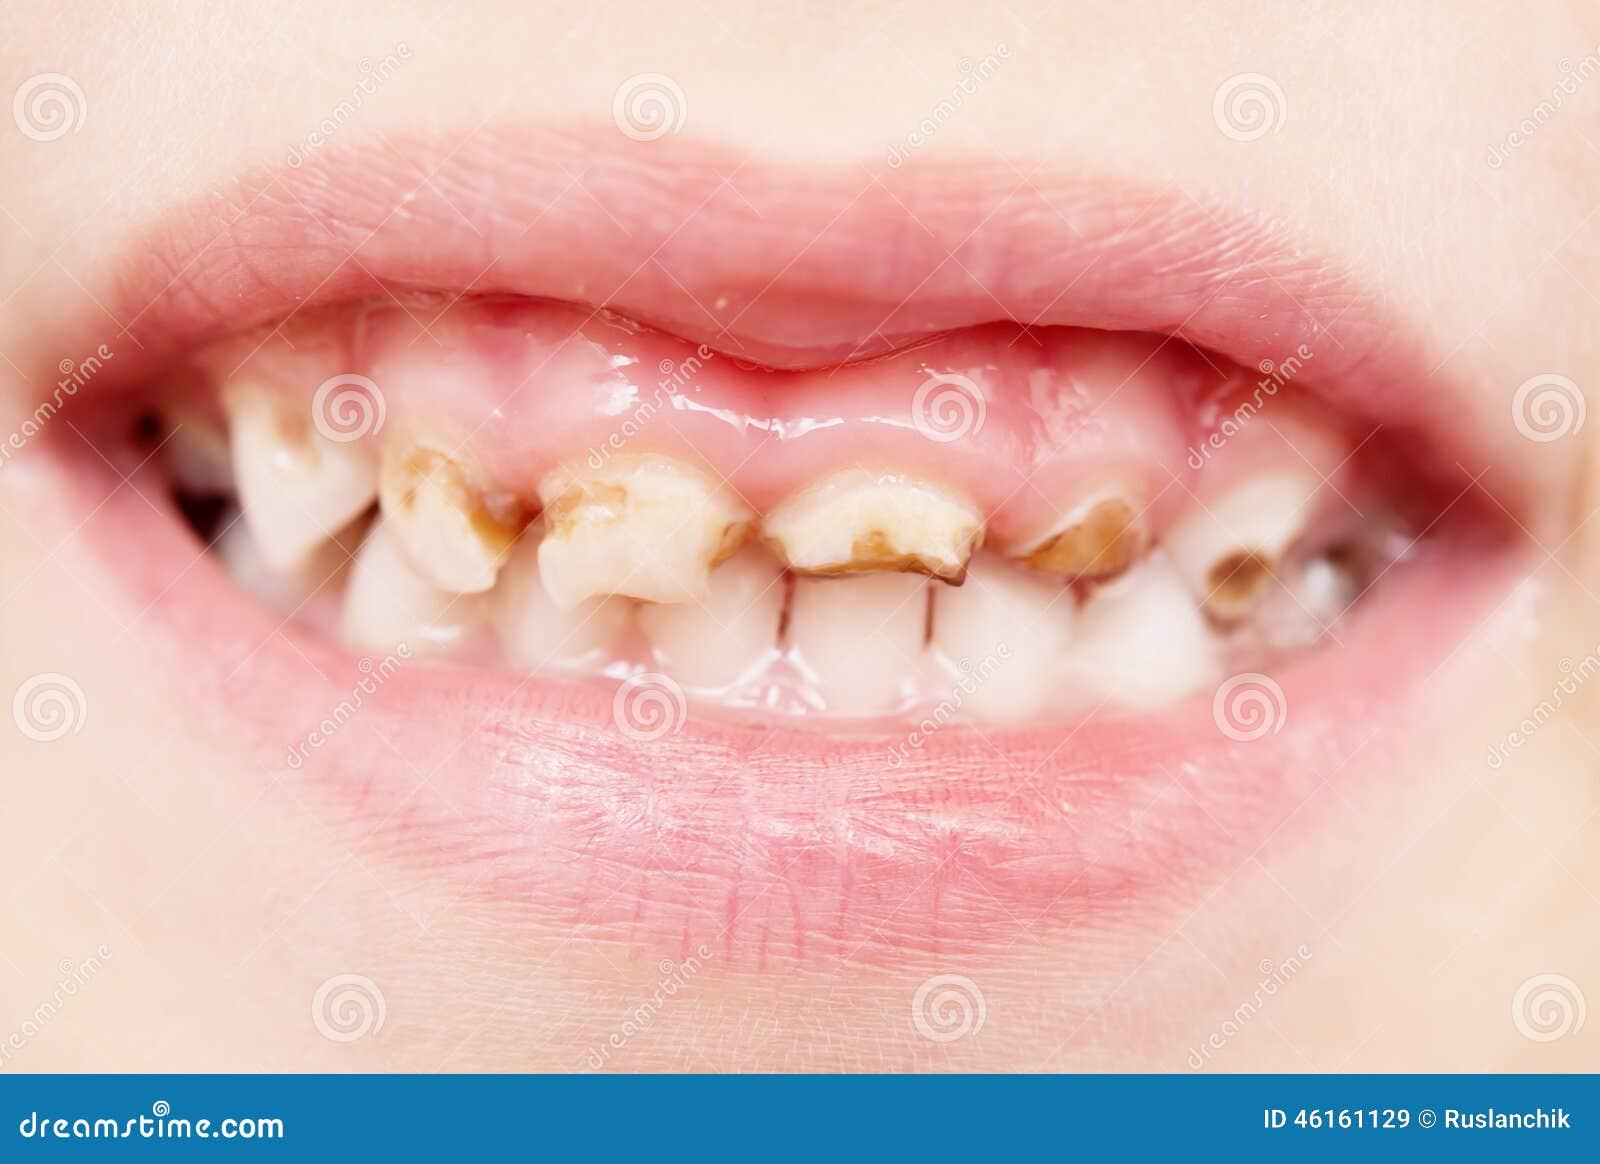 Malos dientes